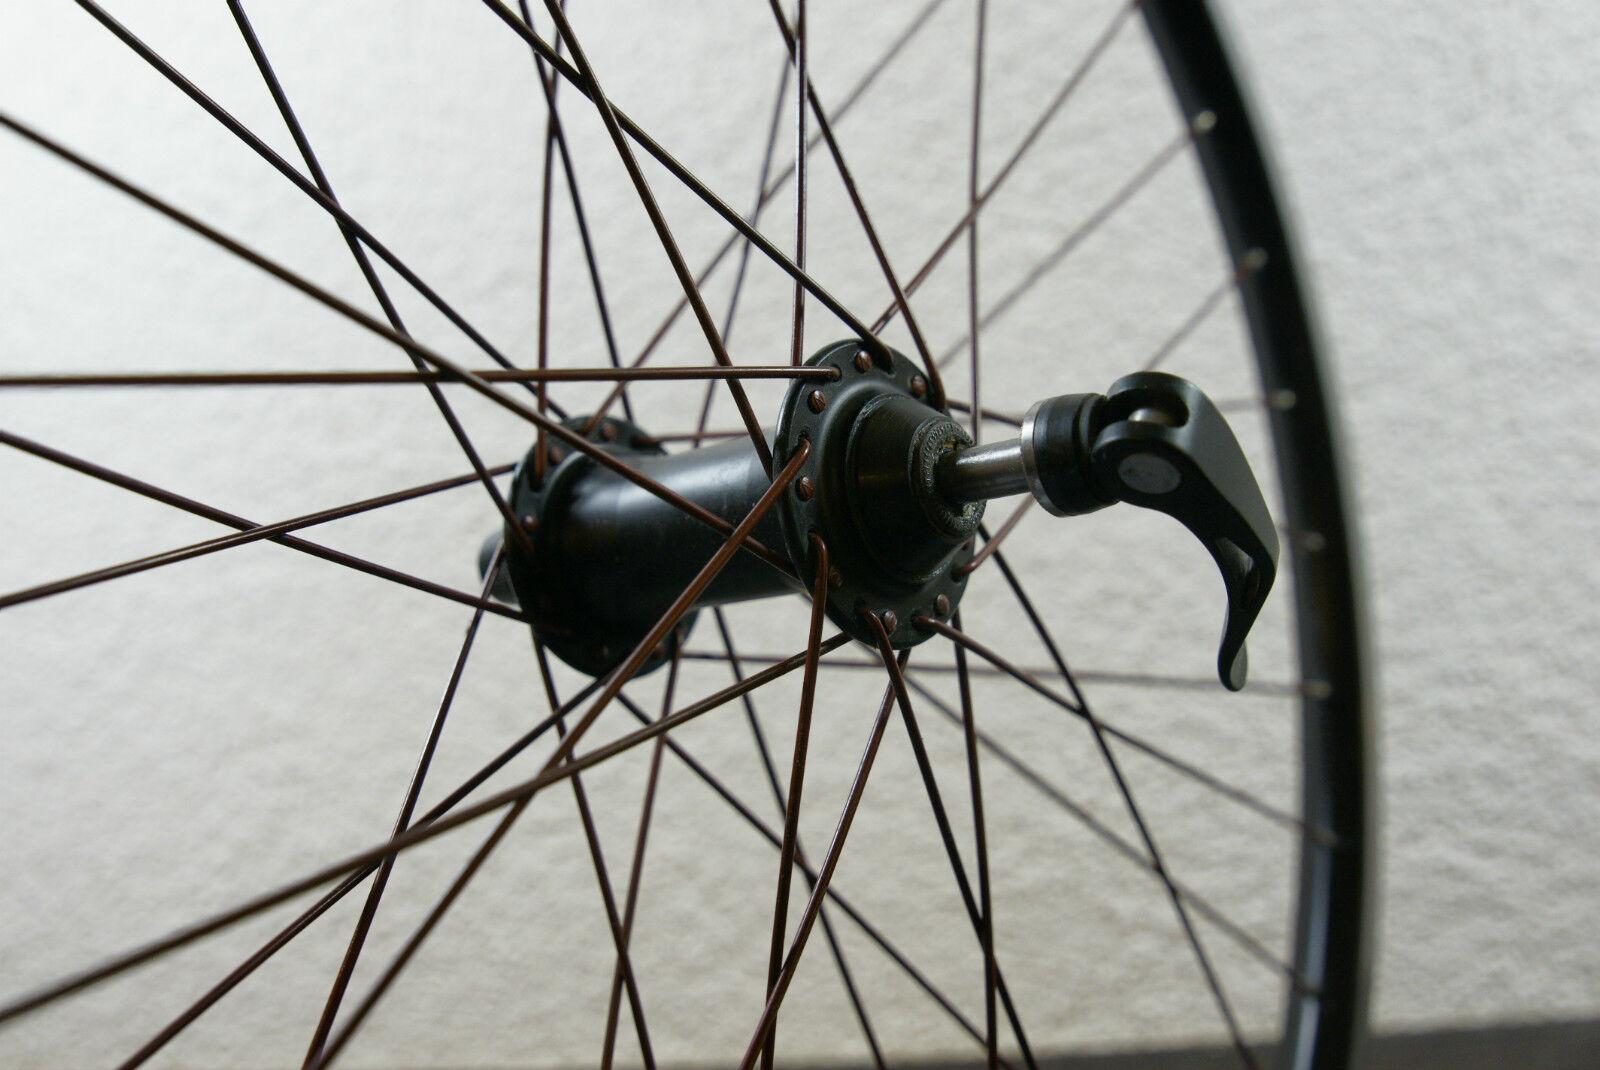 Point Racing Vorderrad mit Rot-braunen Rot-braunen Rot-braunen Speichen für Felgenbremsen Kult Retro 97b319